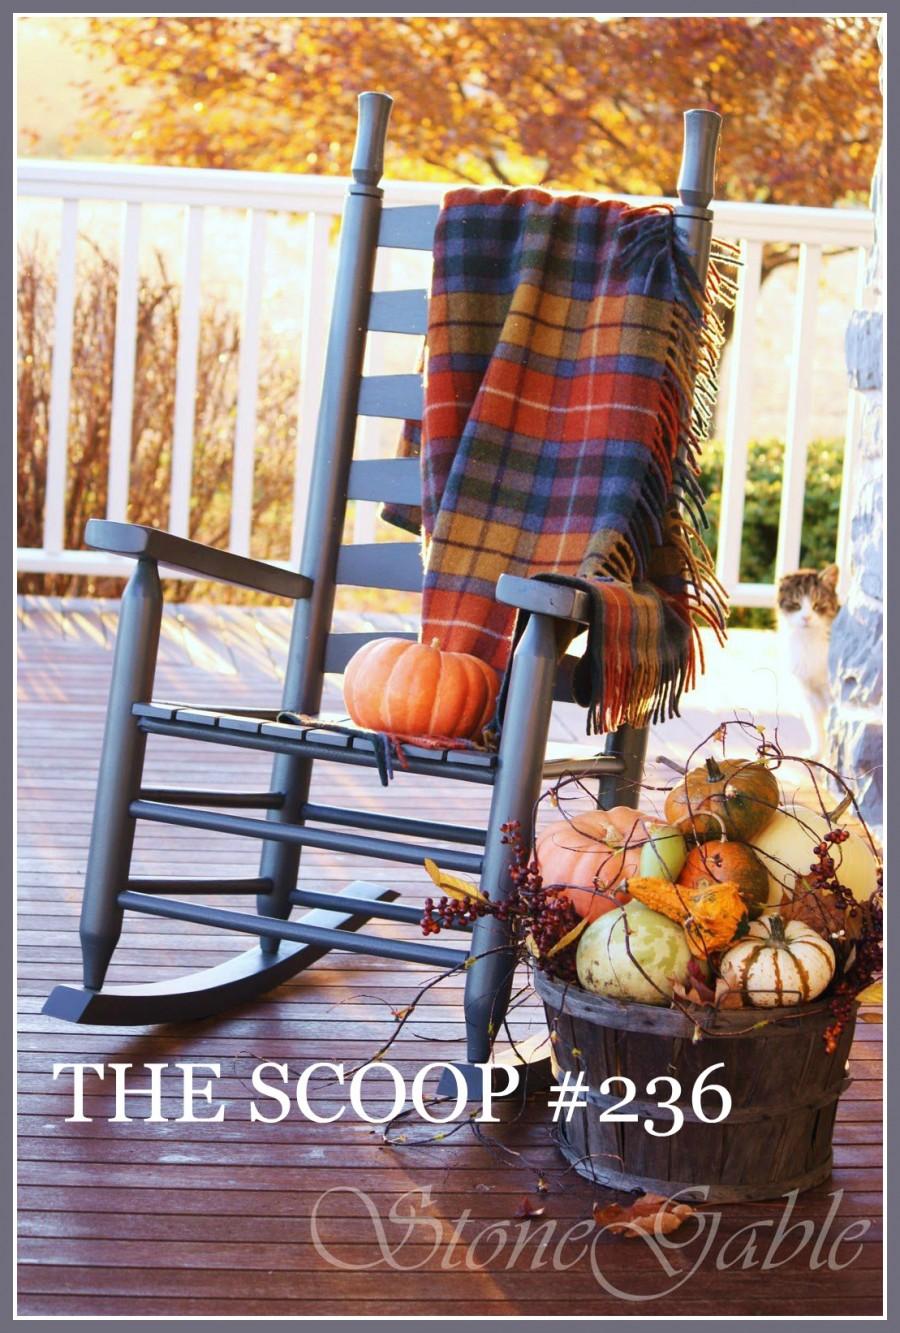 THE SCOOP #236